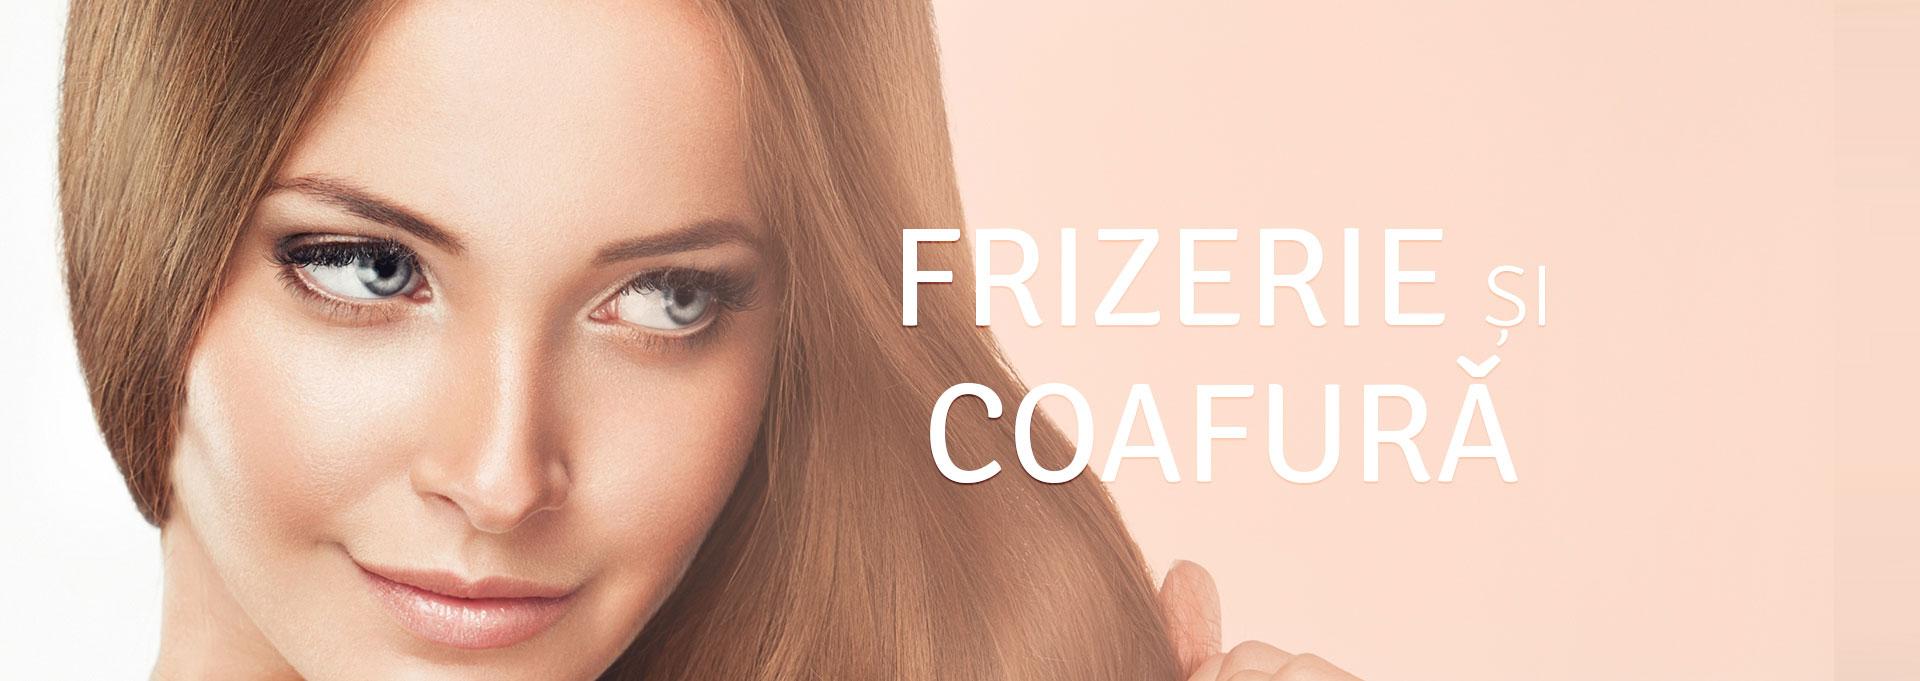 header-frizerie